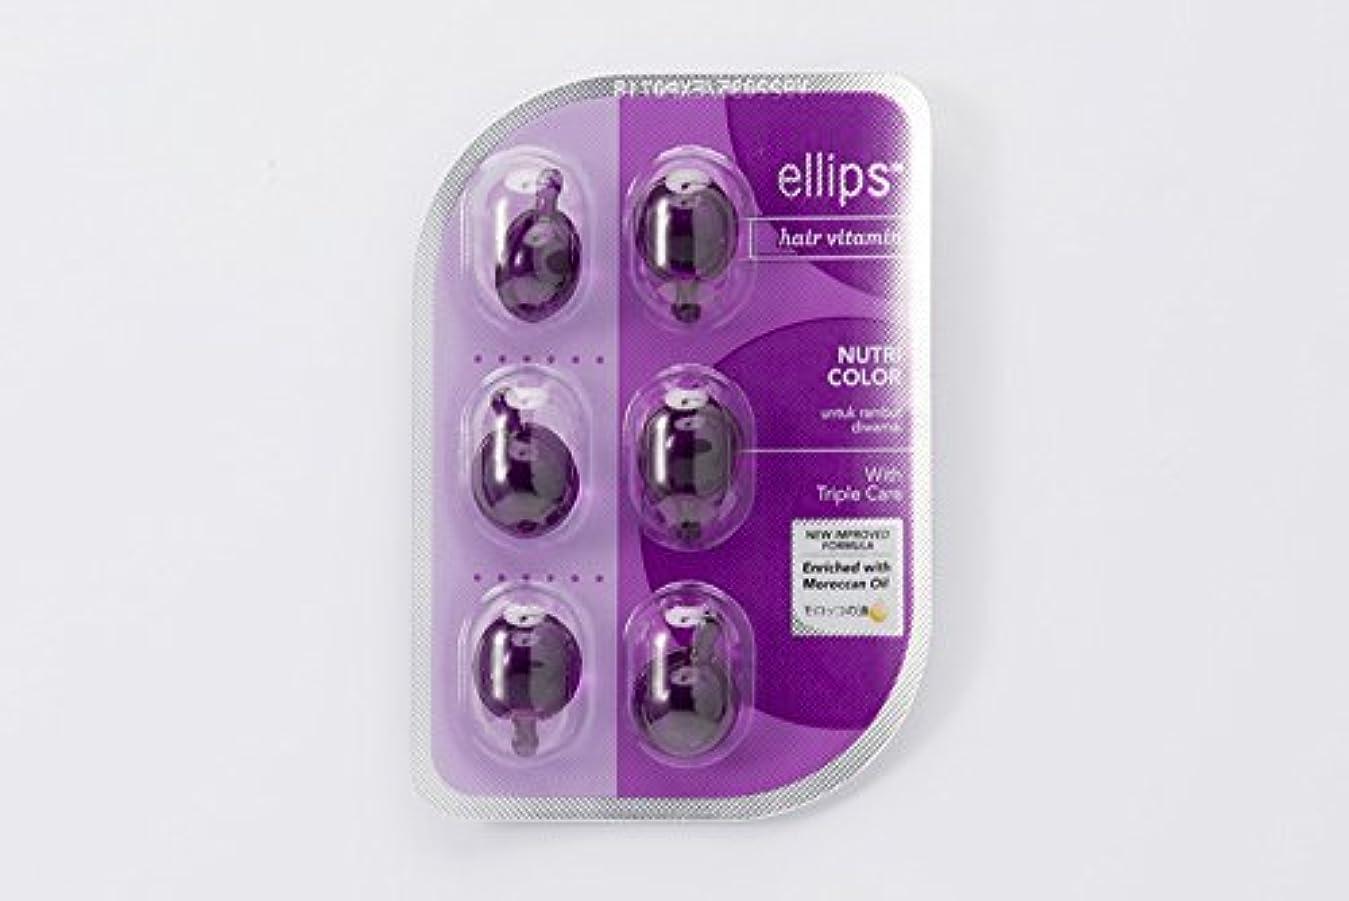 登録する上げる上げるellips (エリプス) ヘアービタミン トリートメント 6粒入り パープル カラーリング (並行輸入)